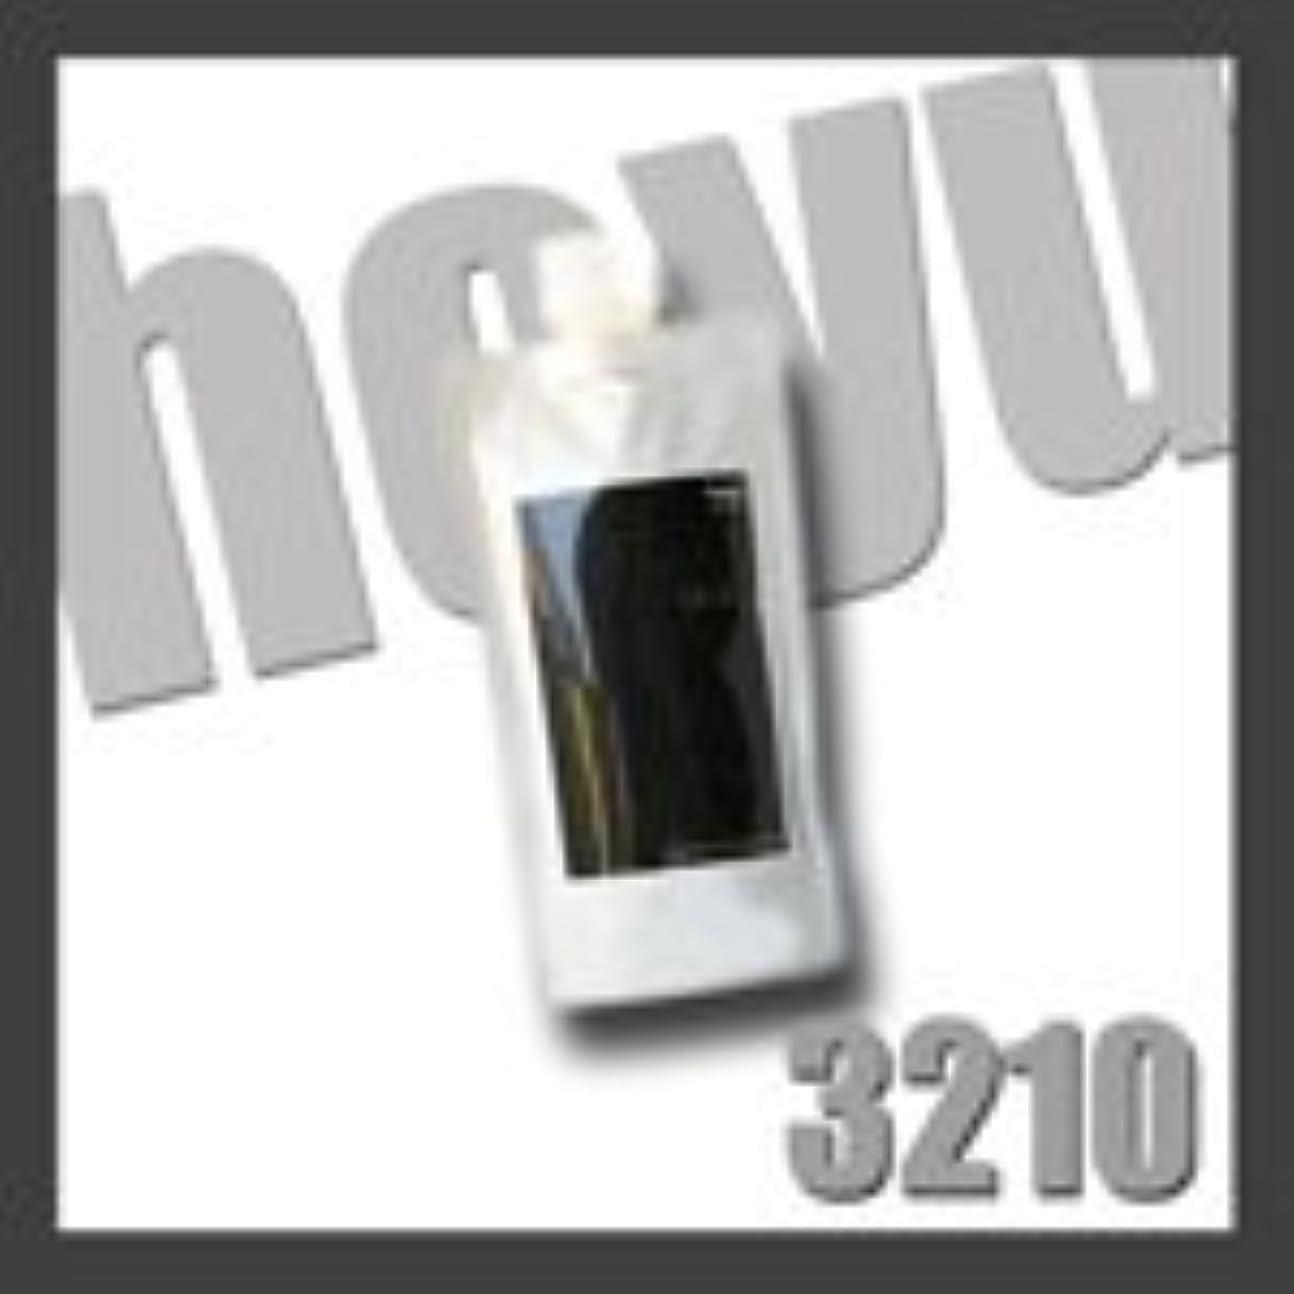 ビルマ葉を拾うアクティビティHOYU ホーユー 3210 ミニーレ ウルトラハード ワックス レフィル 200g 詰替用 フィニッシュワークシリーズ